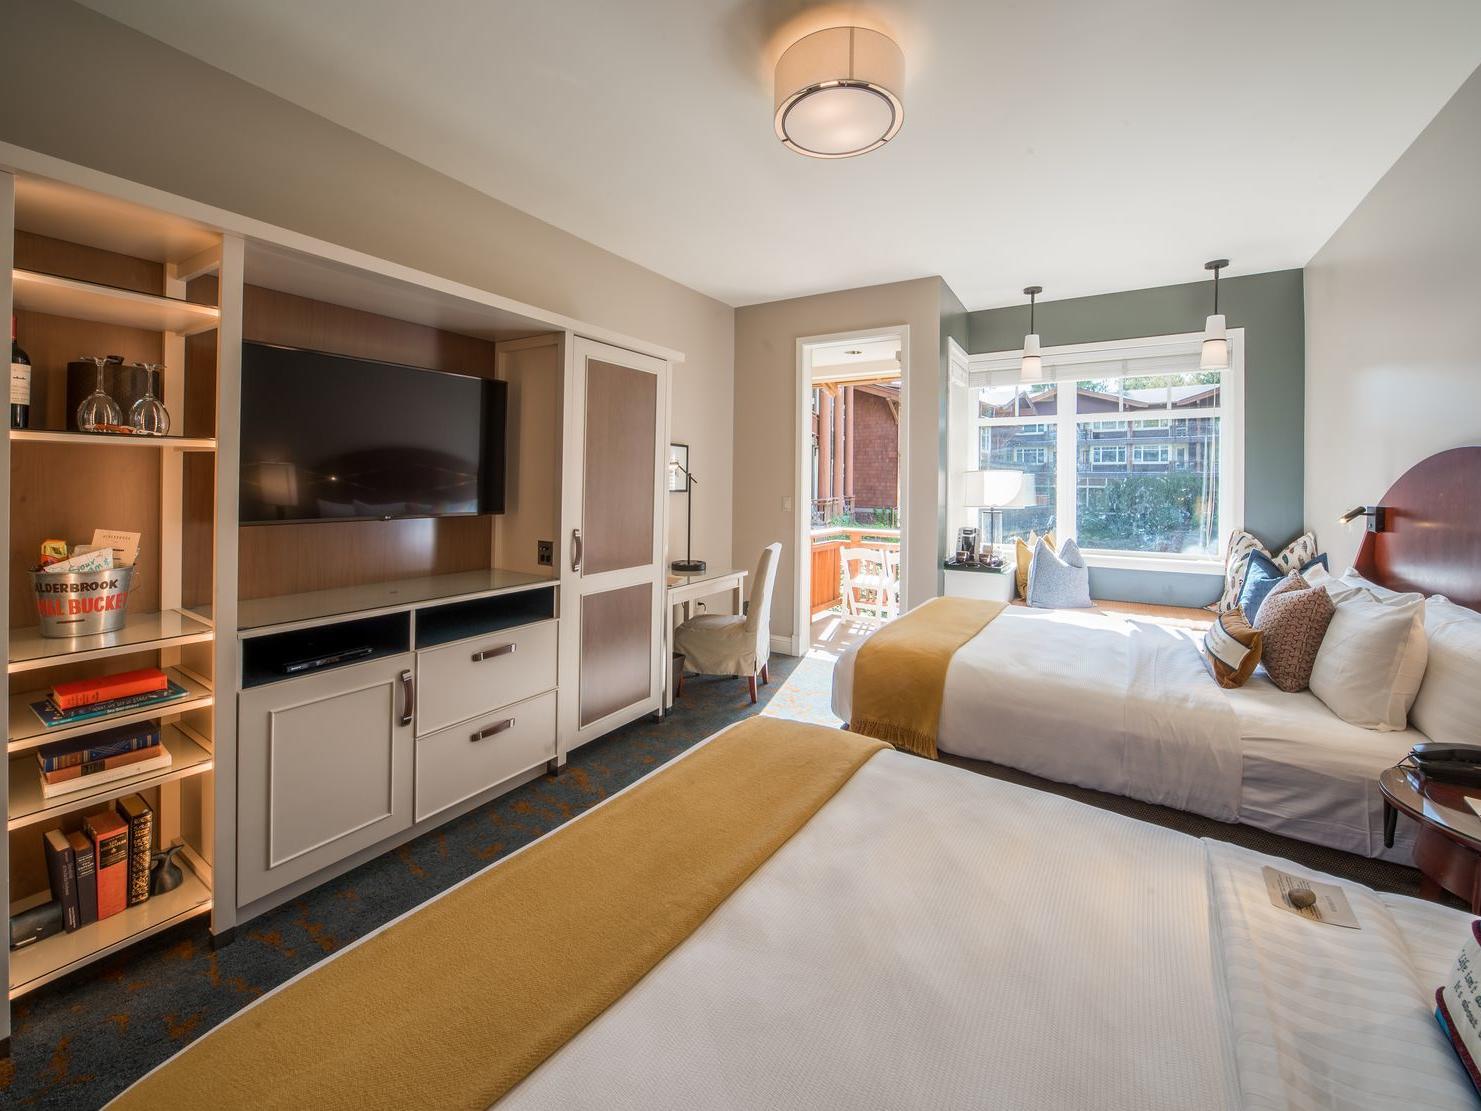 Courtyard Double Queen Room at Alderbrook Resort & Spa